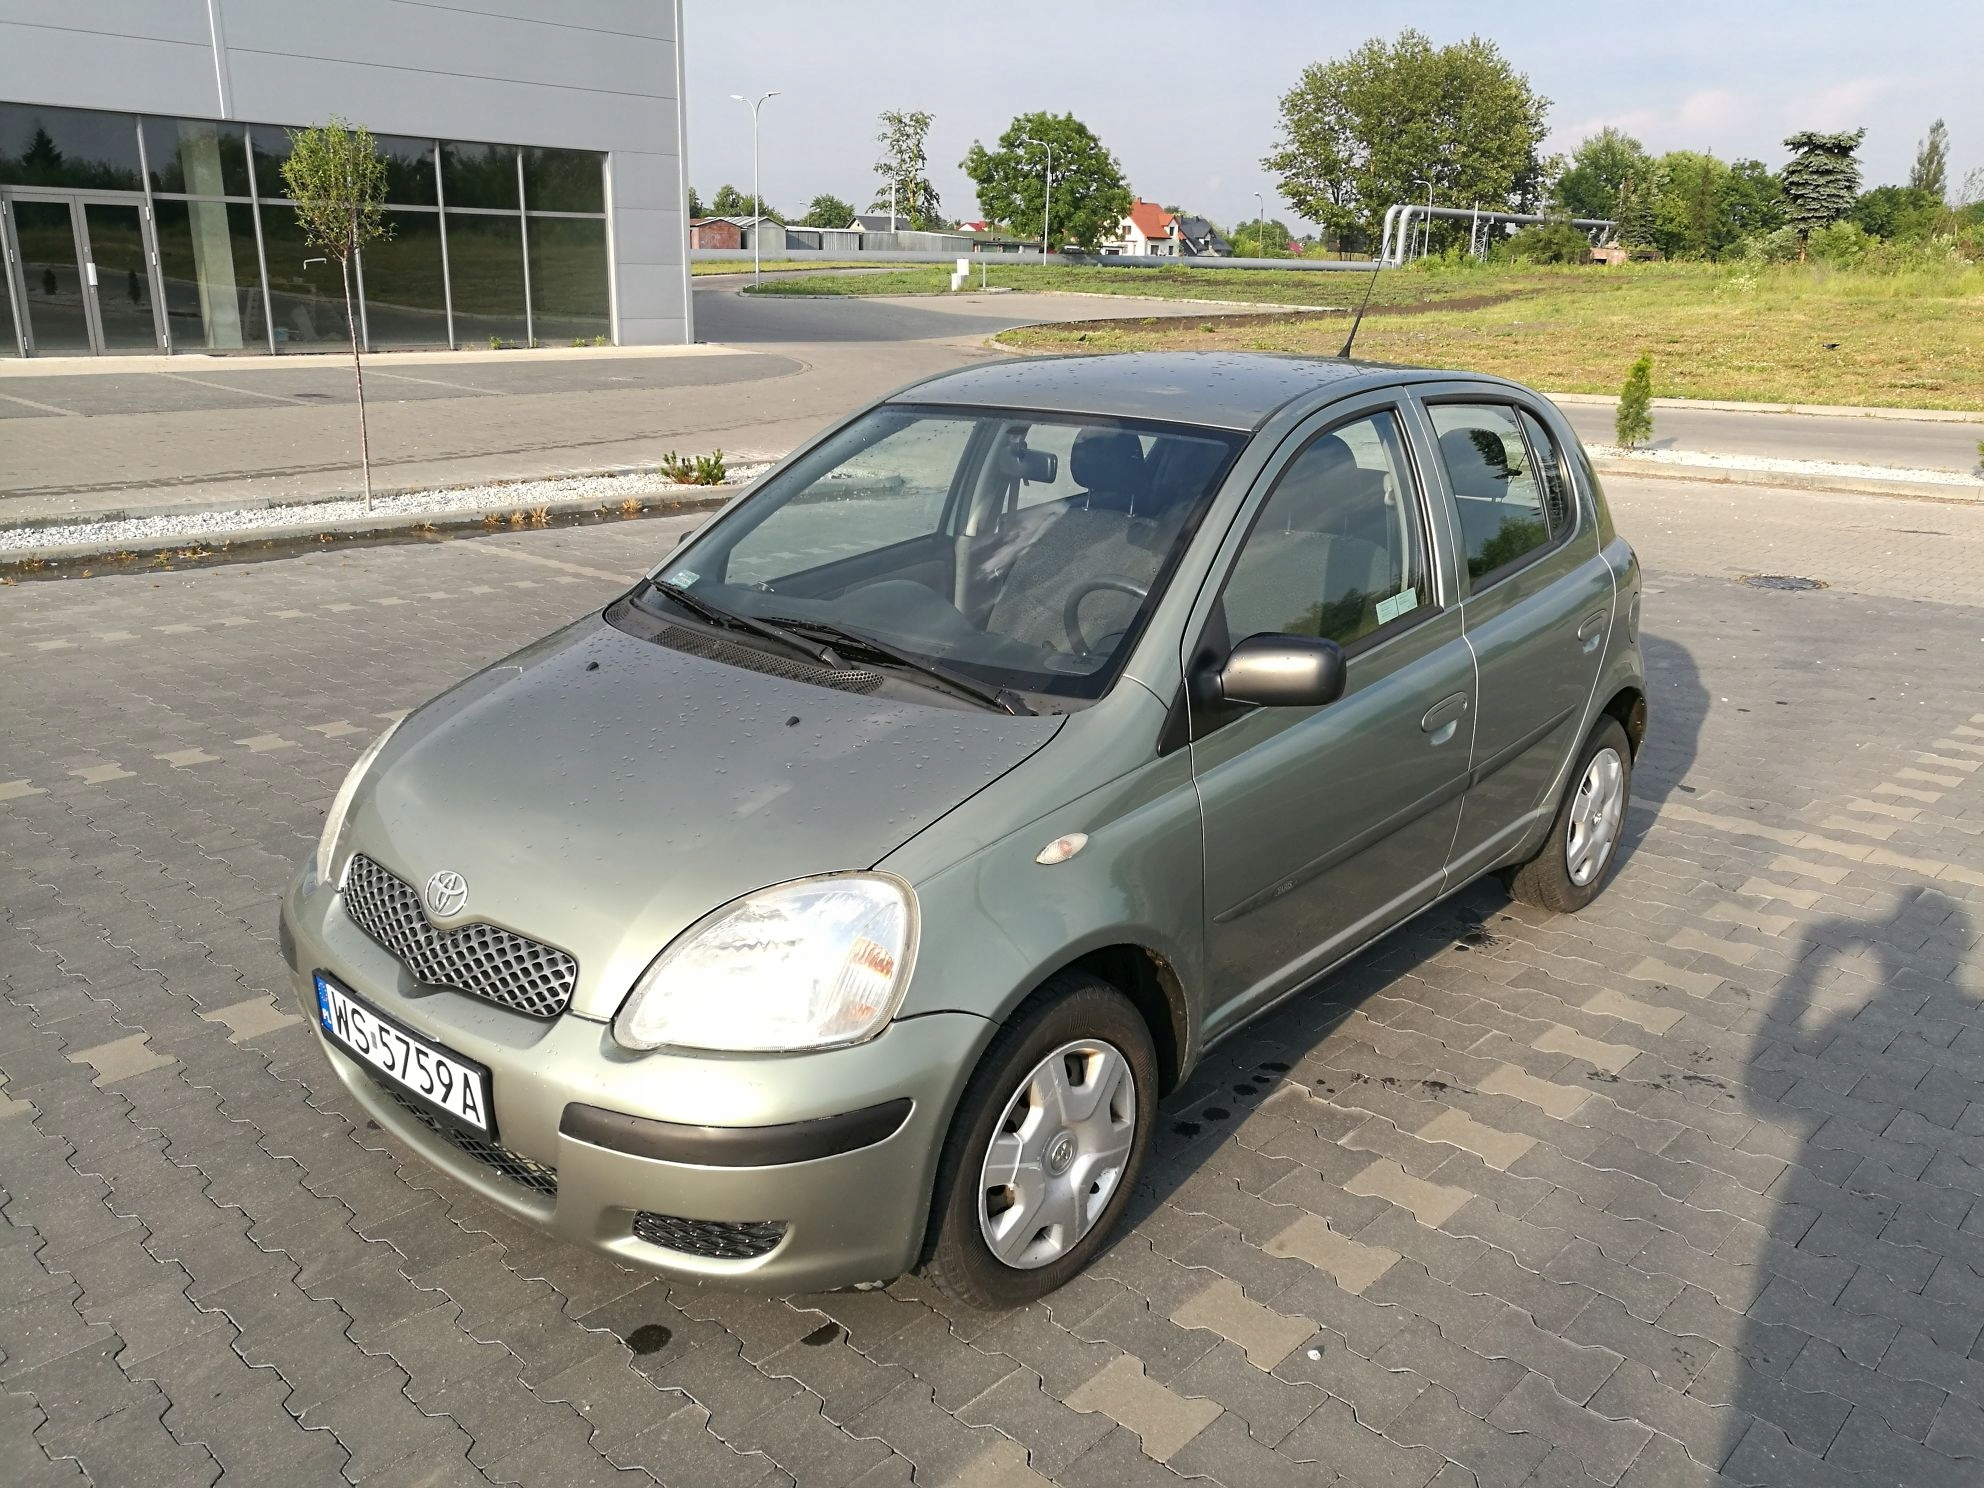 Toyota Yaris I 2003 Benzyna Opony Zimowe 7402047585 Oficjalne